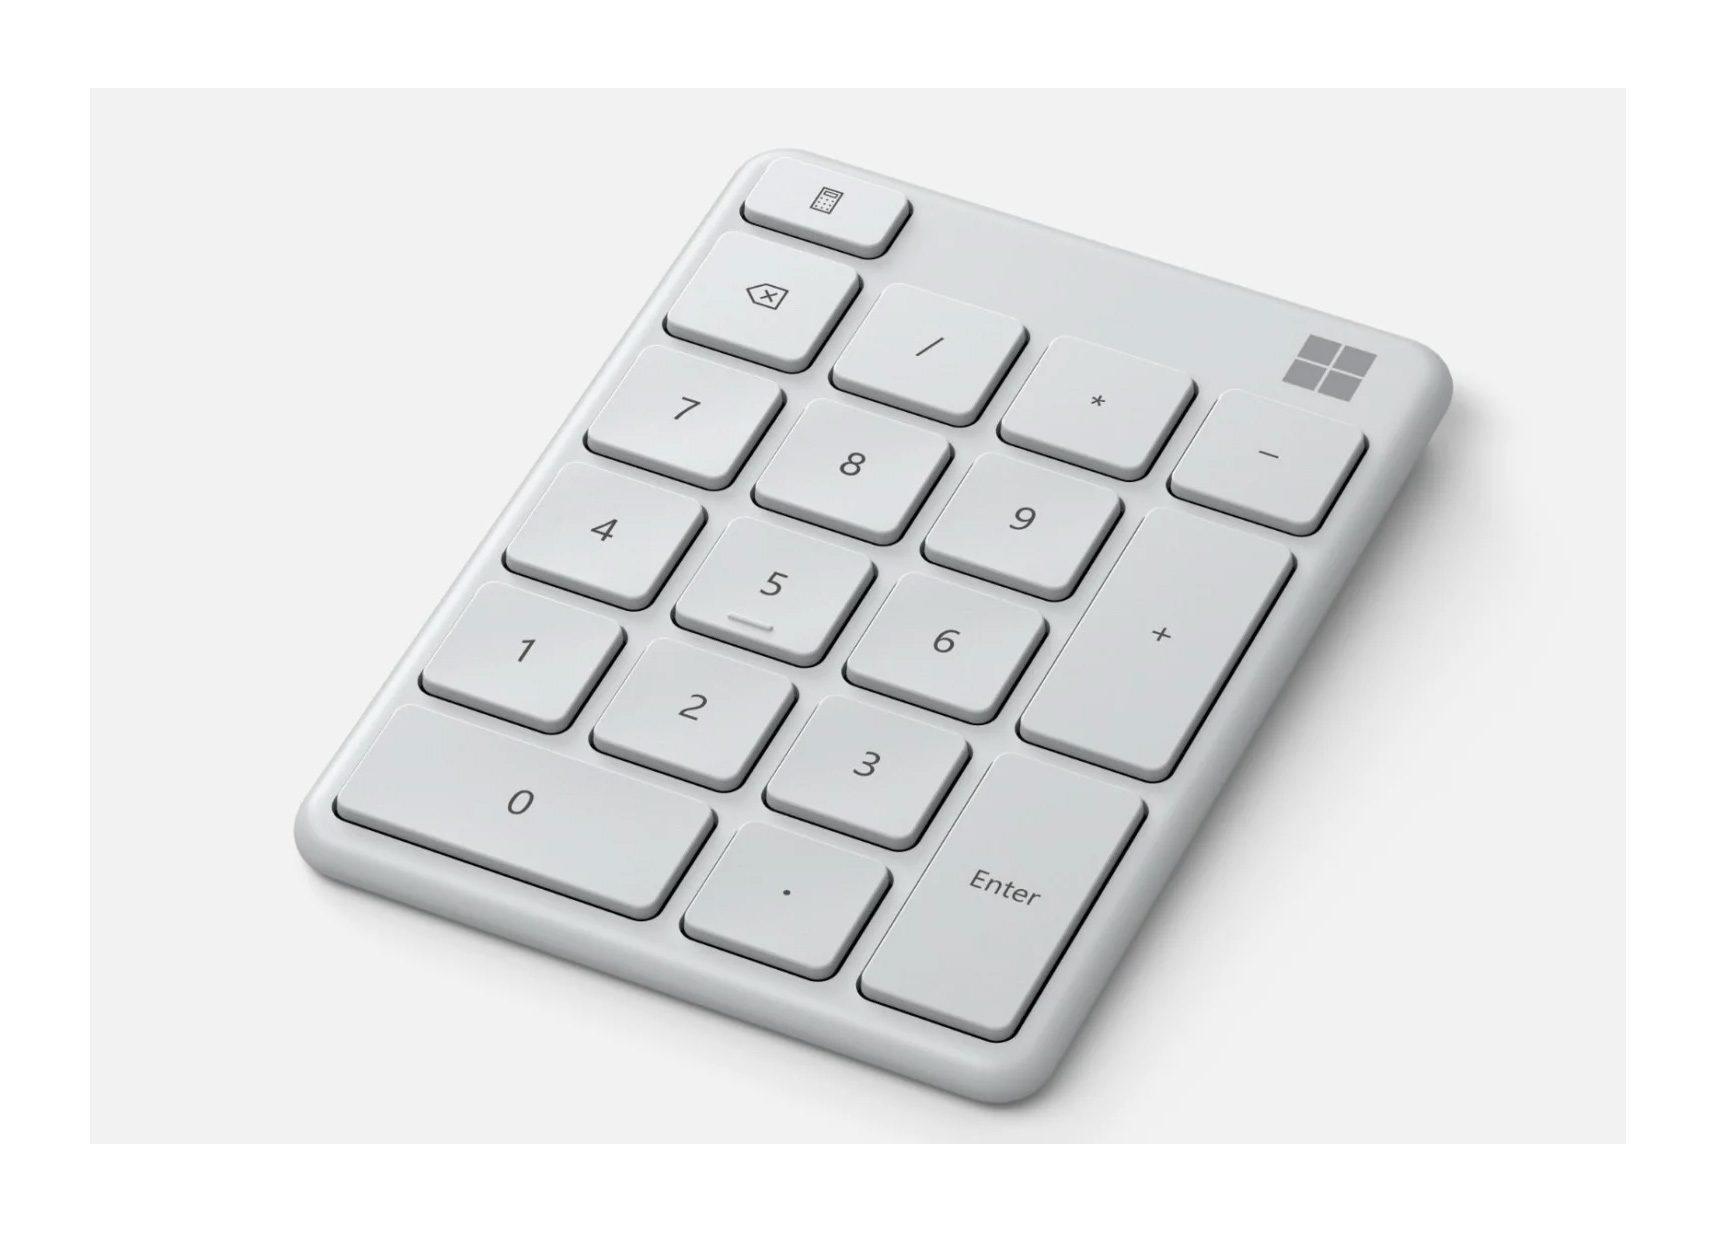 مایکروسافت نامبر پد - Microsoft Number Pad